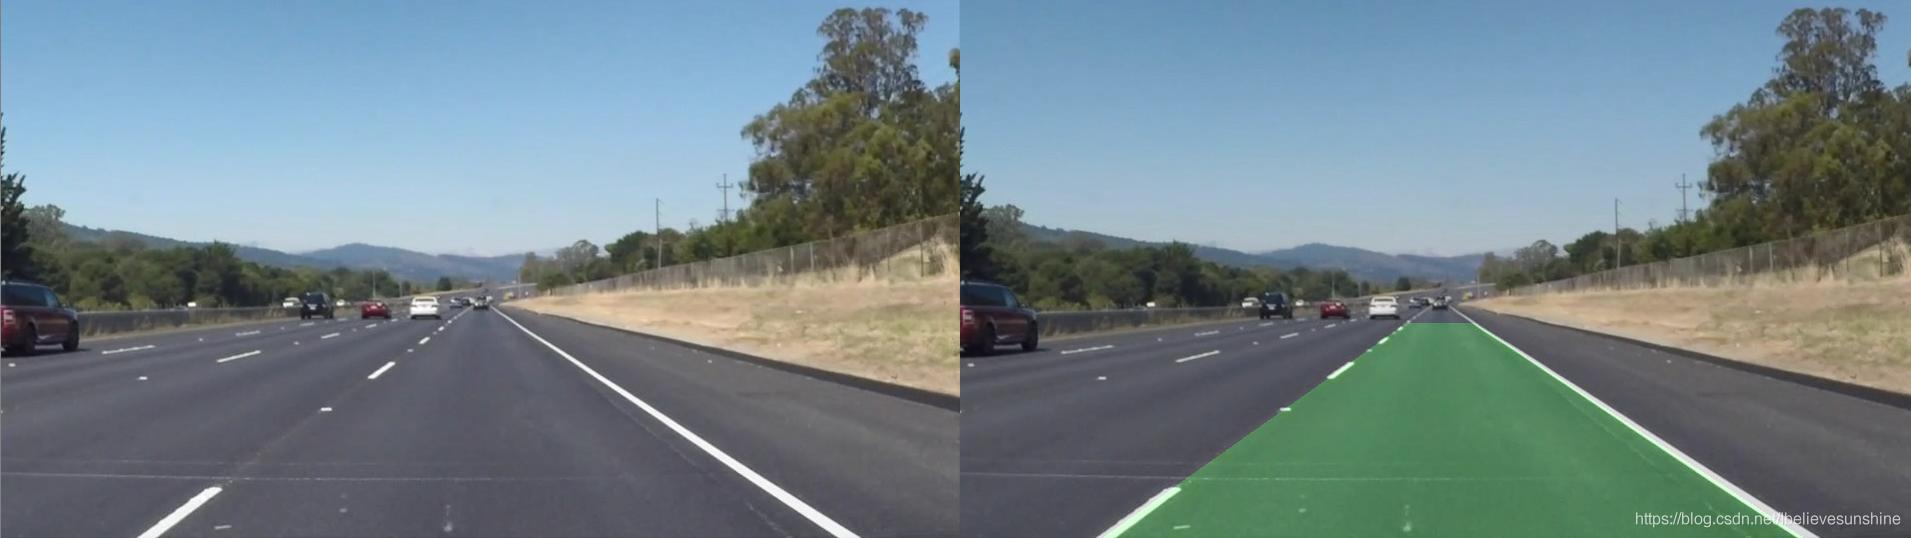 左图:原图;右图:车道检测结果